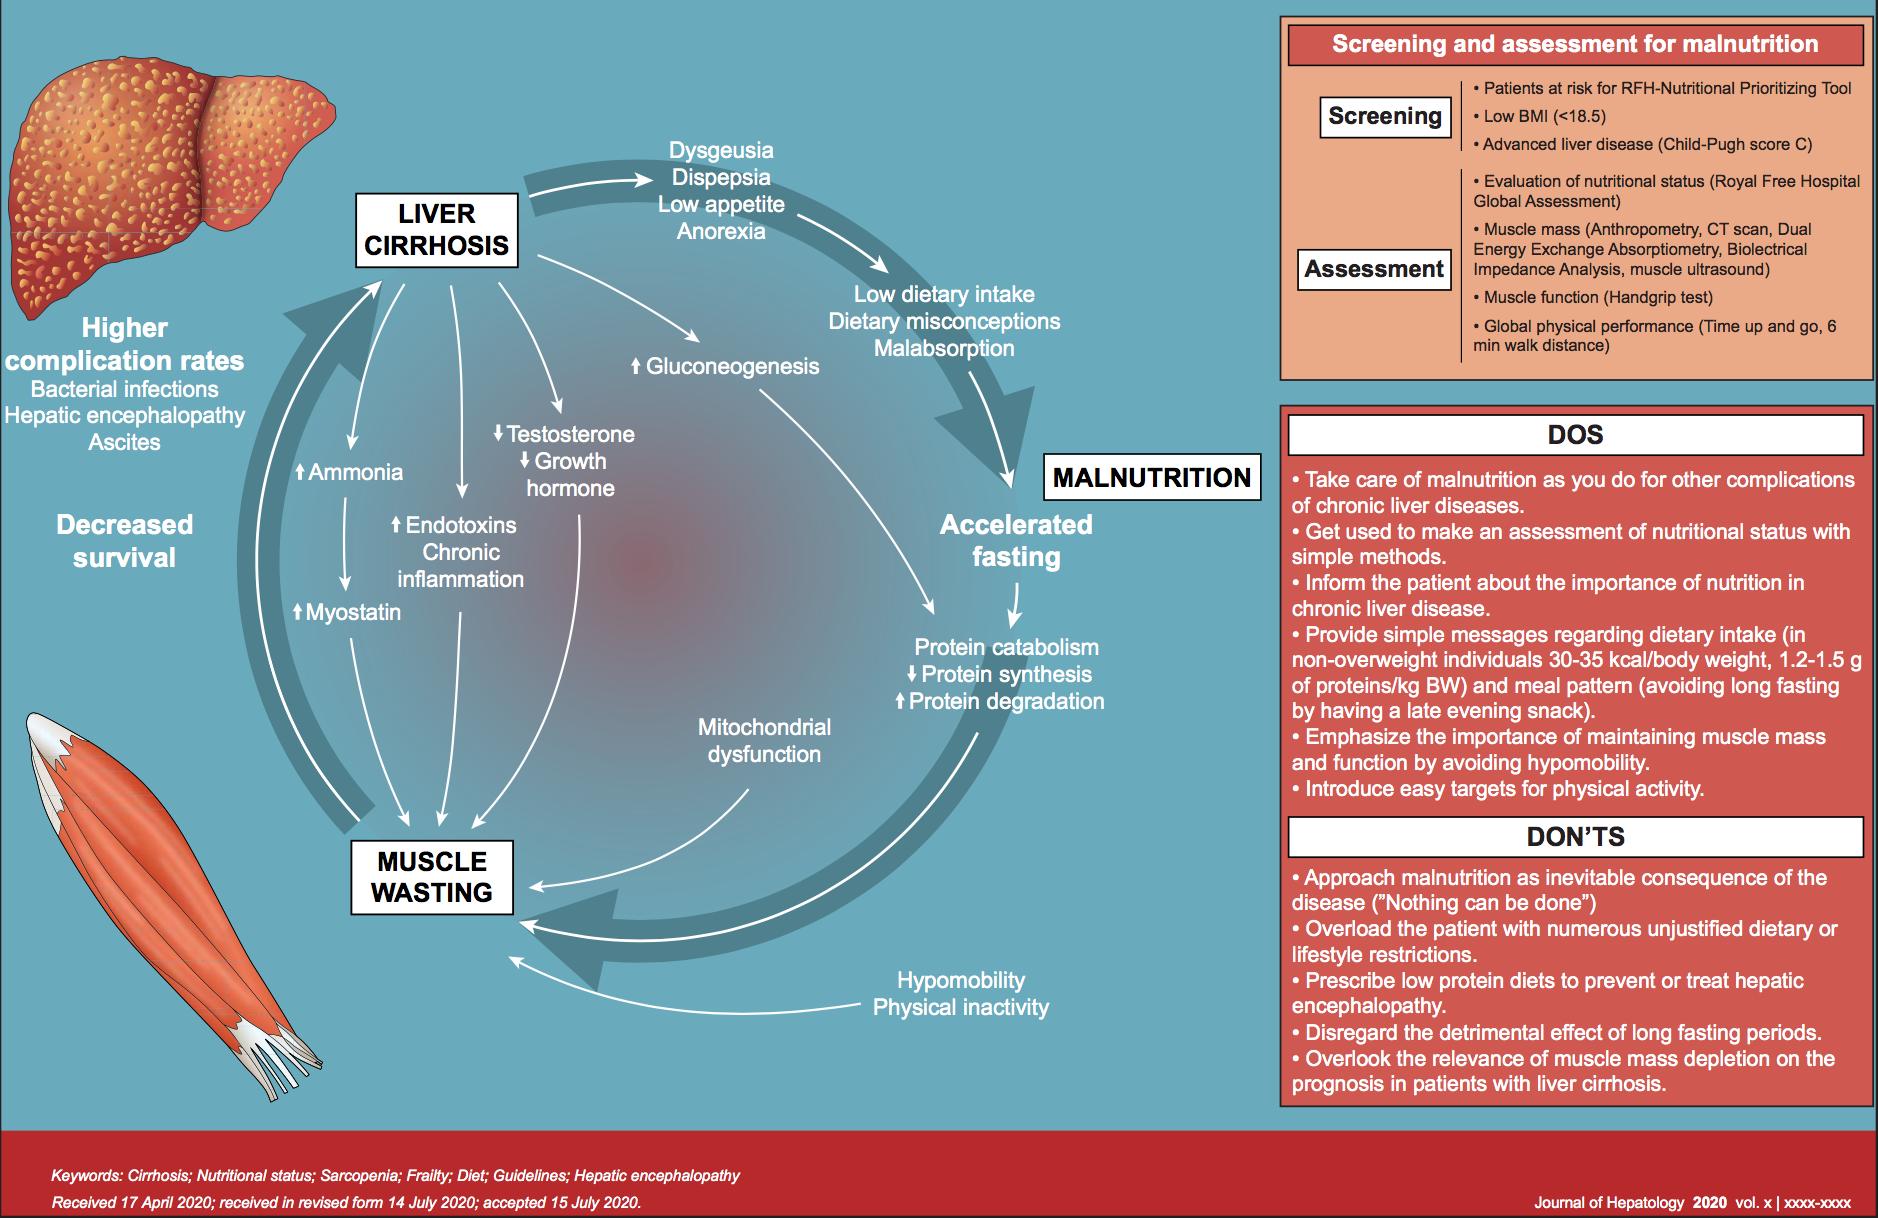 Nutrició en els pacients amb cirrosi: el que s'ha i el que no s'ha de fer